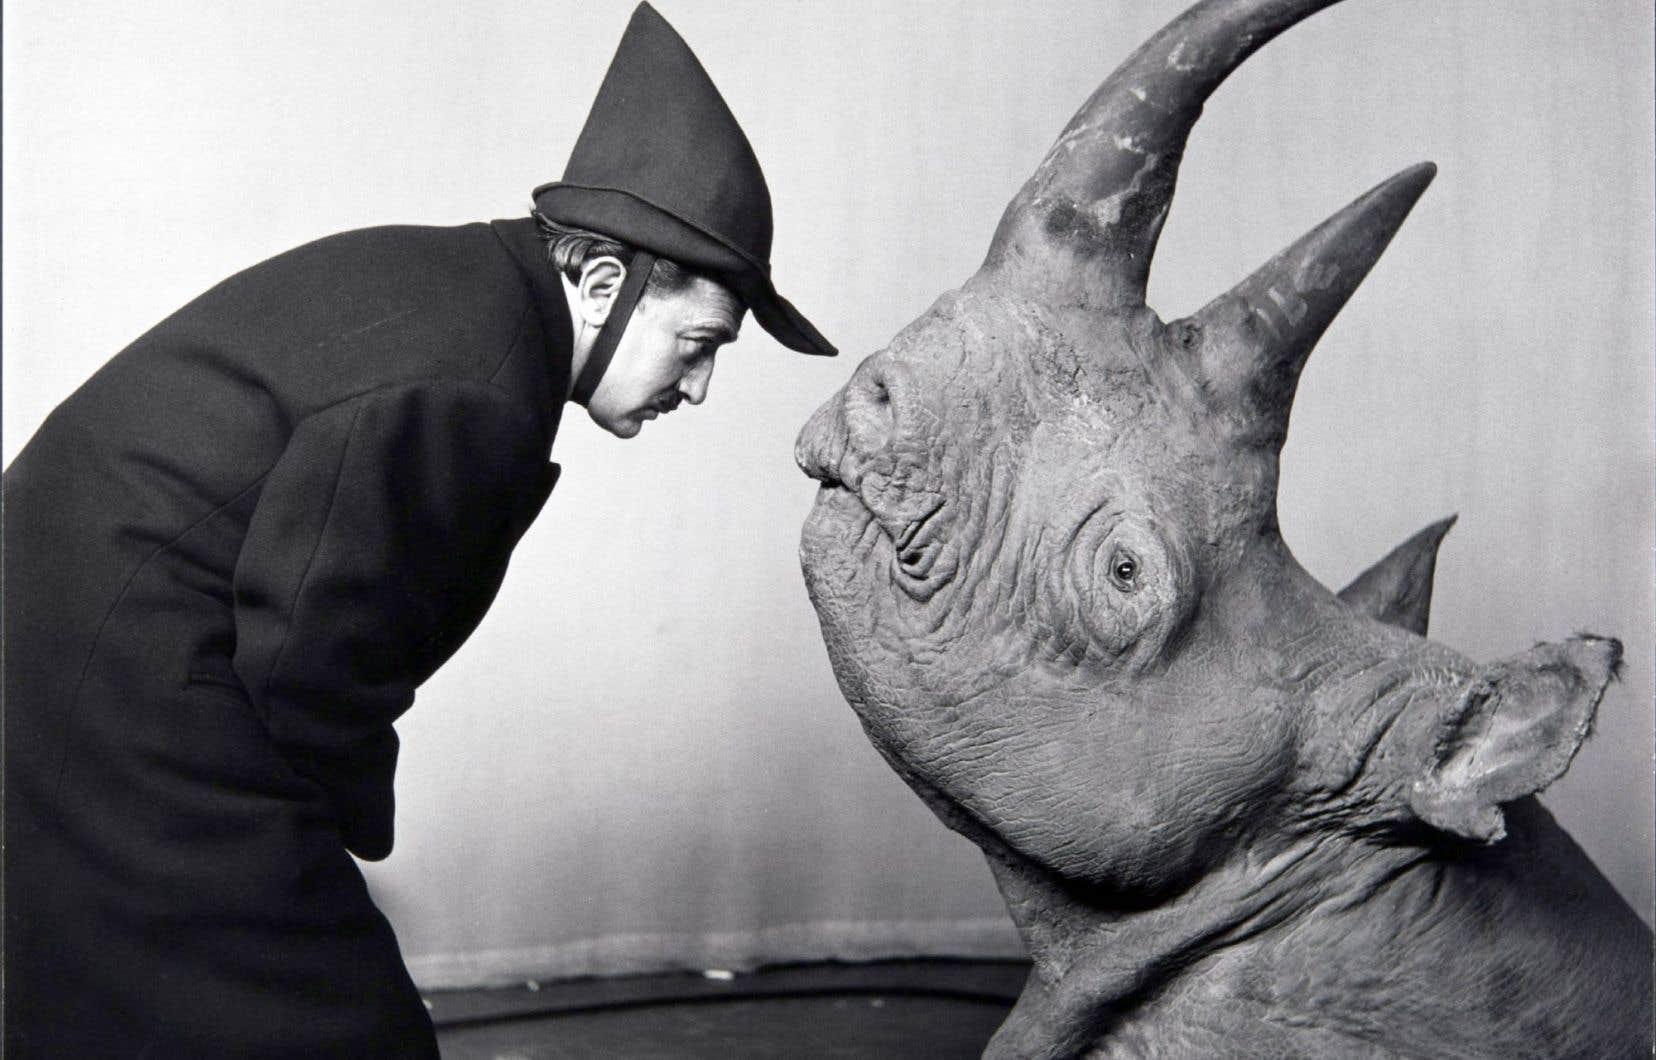 """Philippe Halsman et Salvador Dalí, «Salvador Dalí dans sa performance pour l'émission télévisée """"The Morning Show"""" de CBS-TV», 1956"""